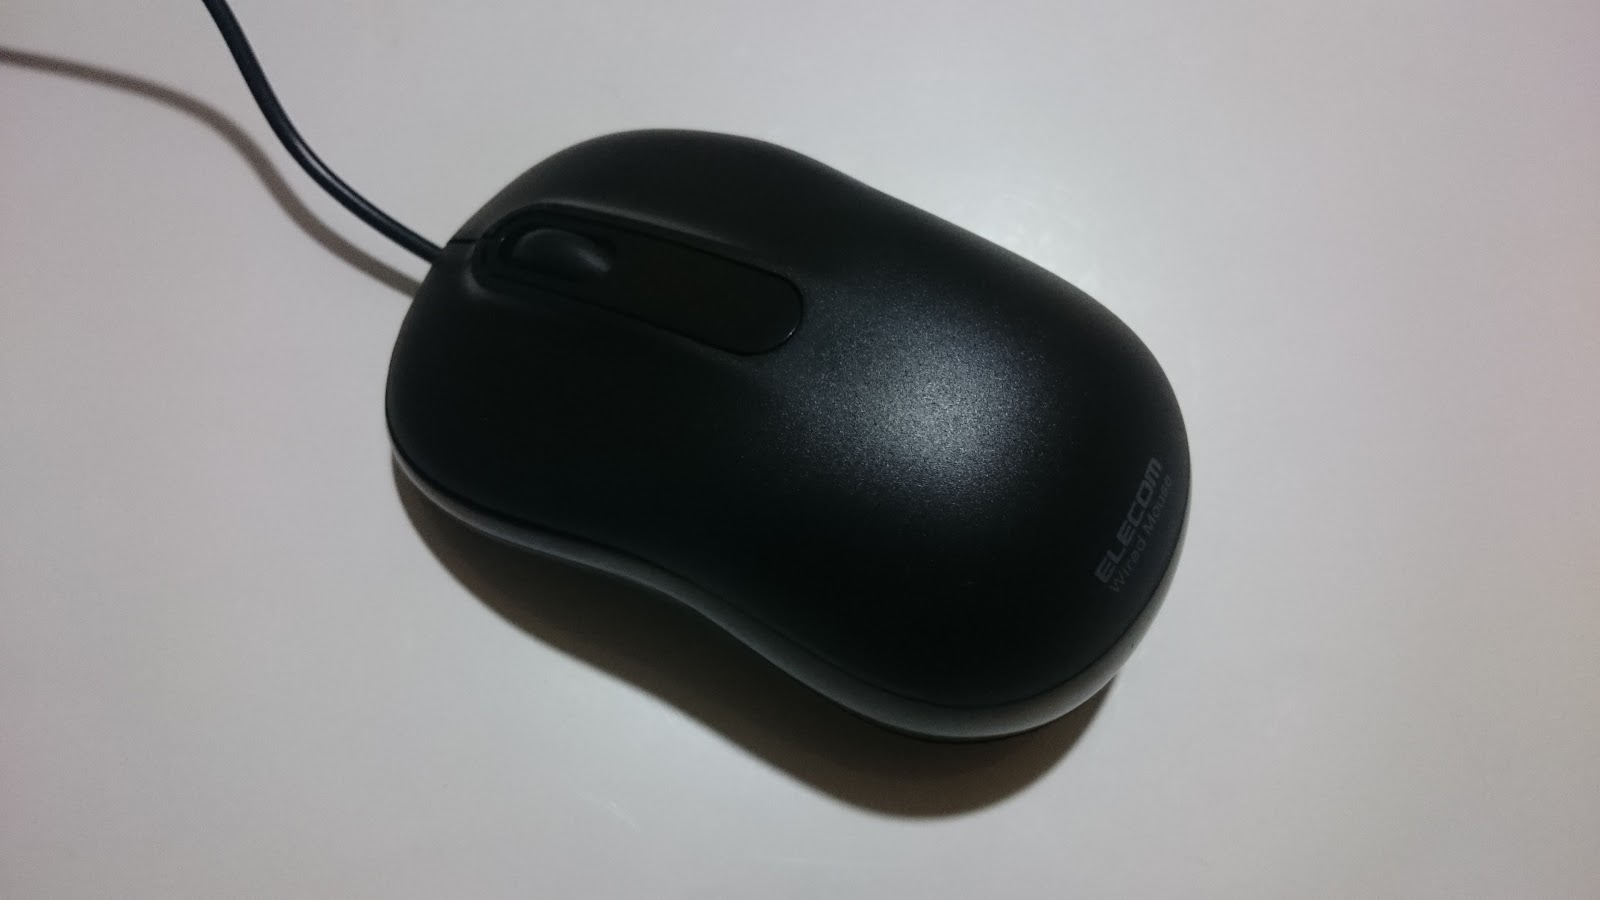 ELECOMのころんとシンプルの黒のUSBマウス